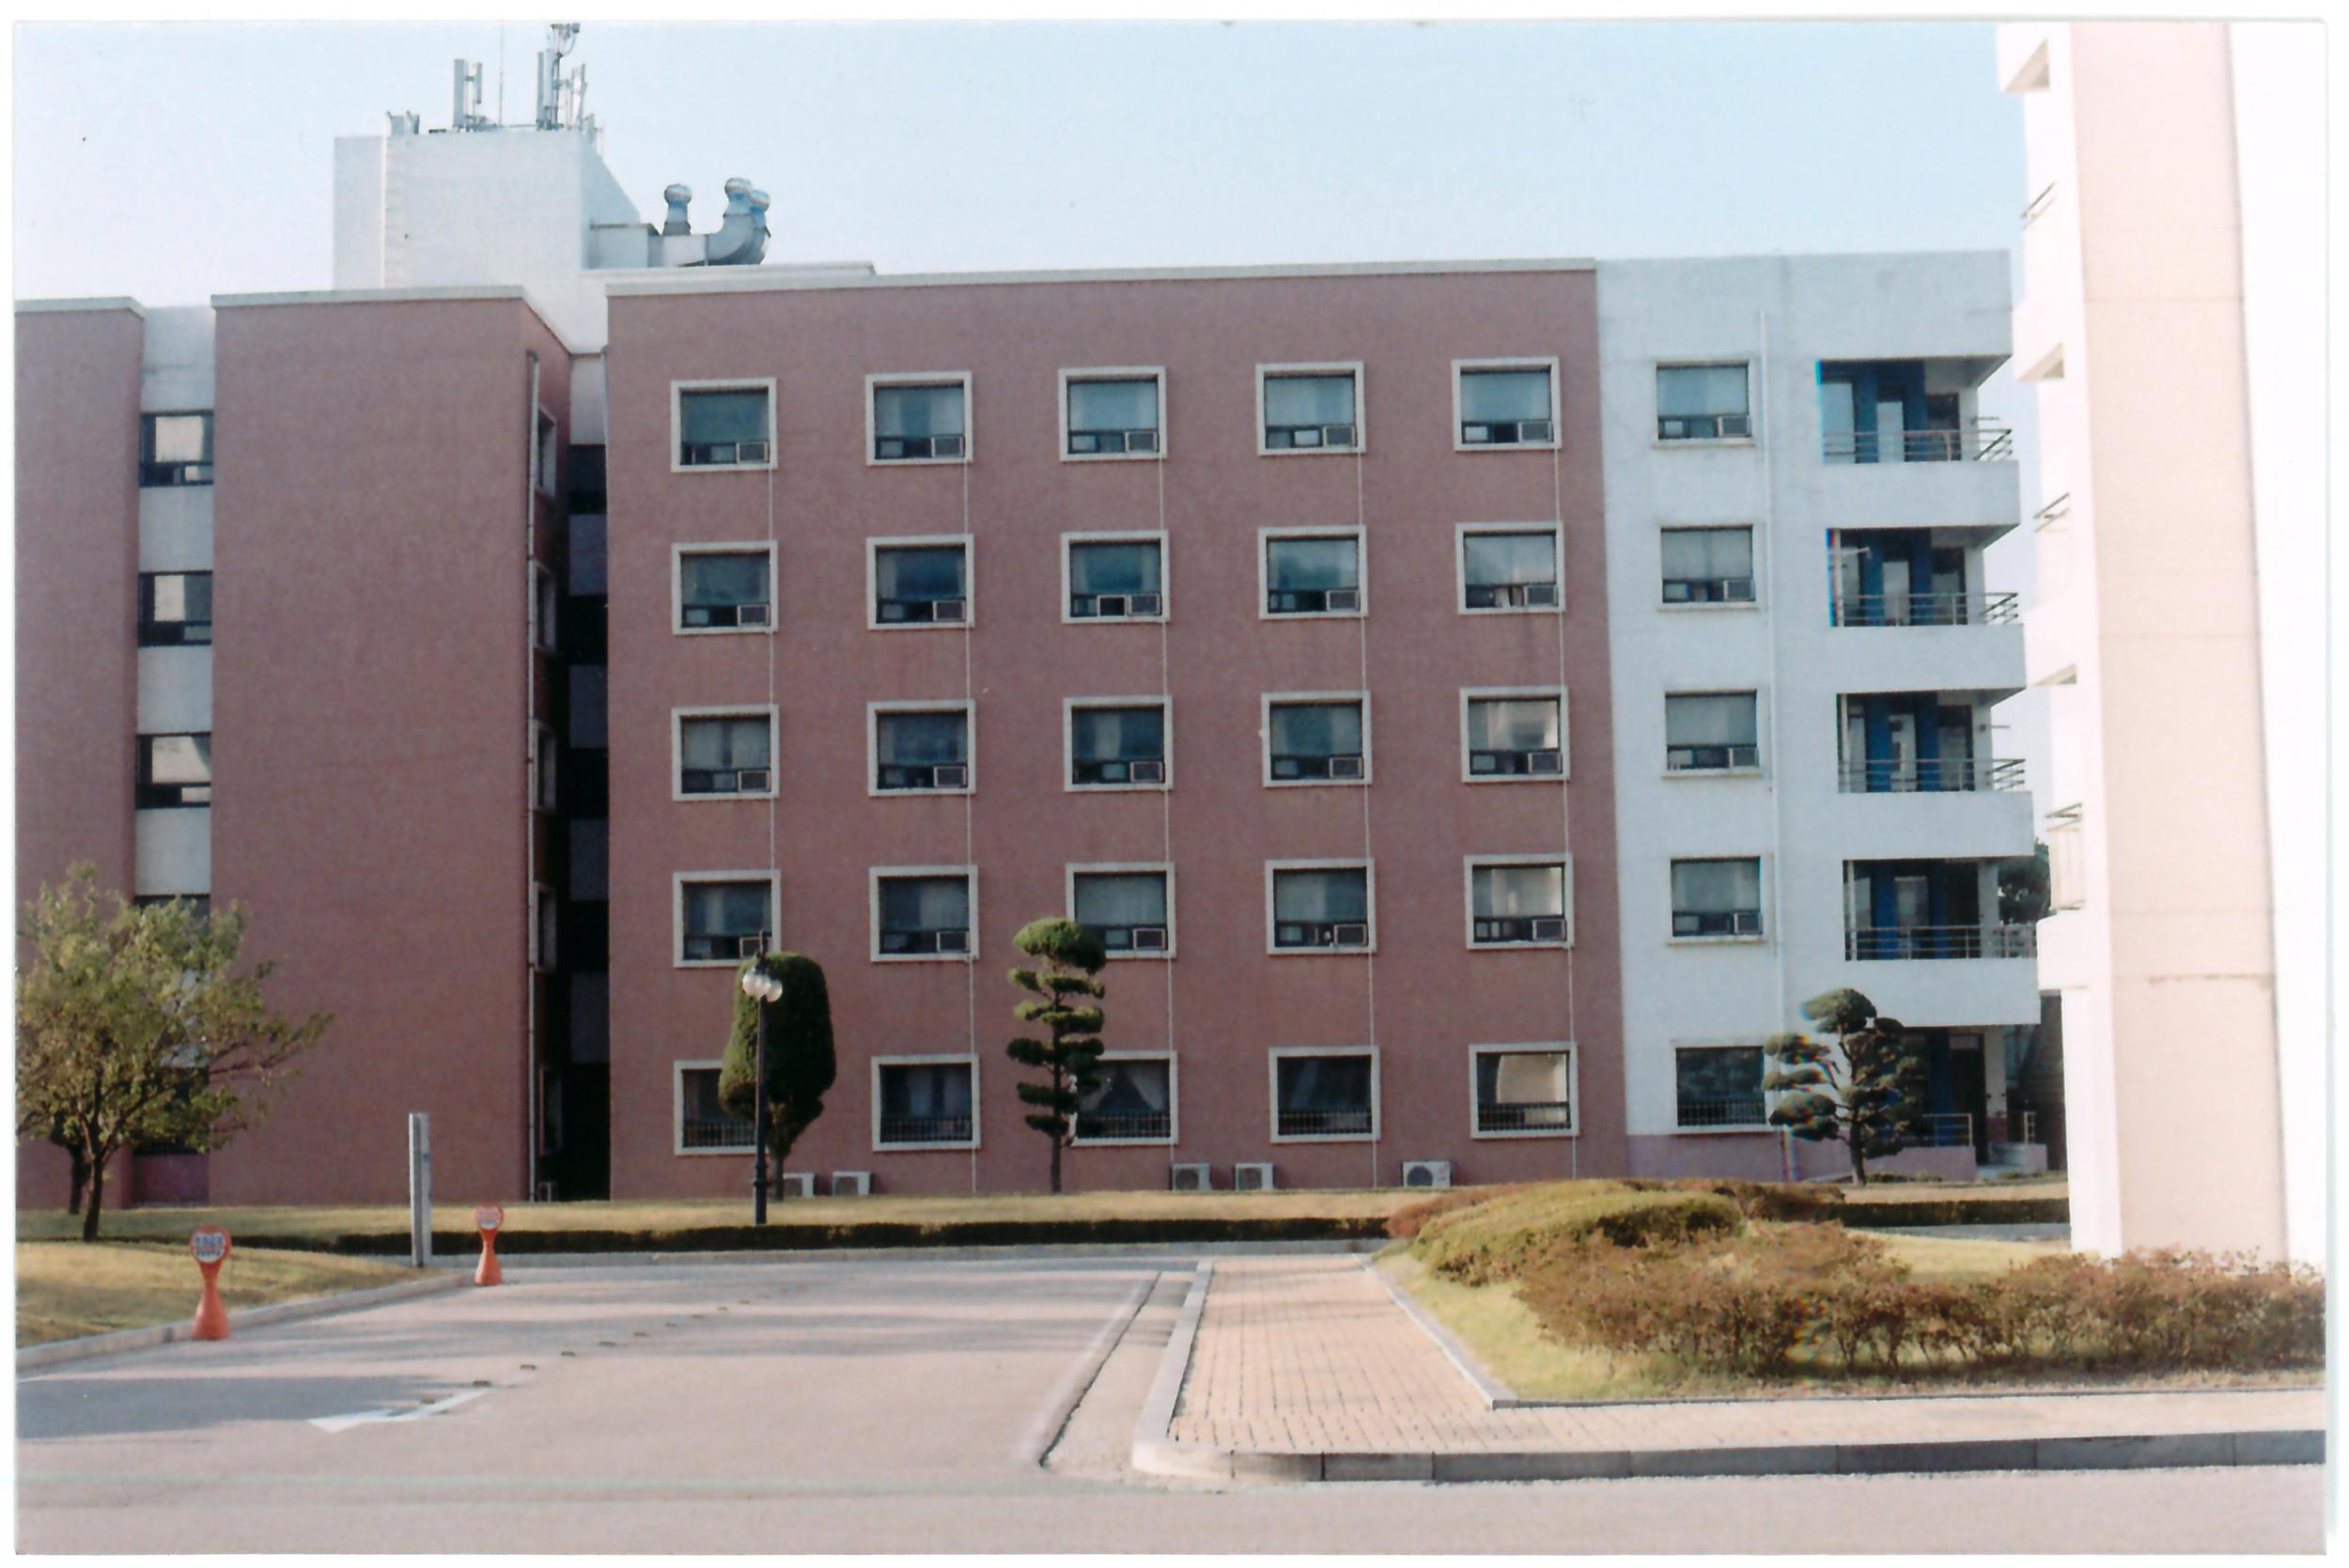 buildingside.jpg